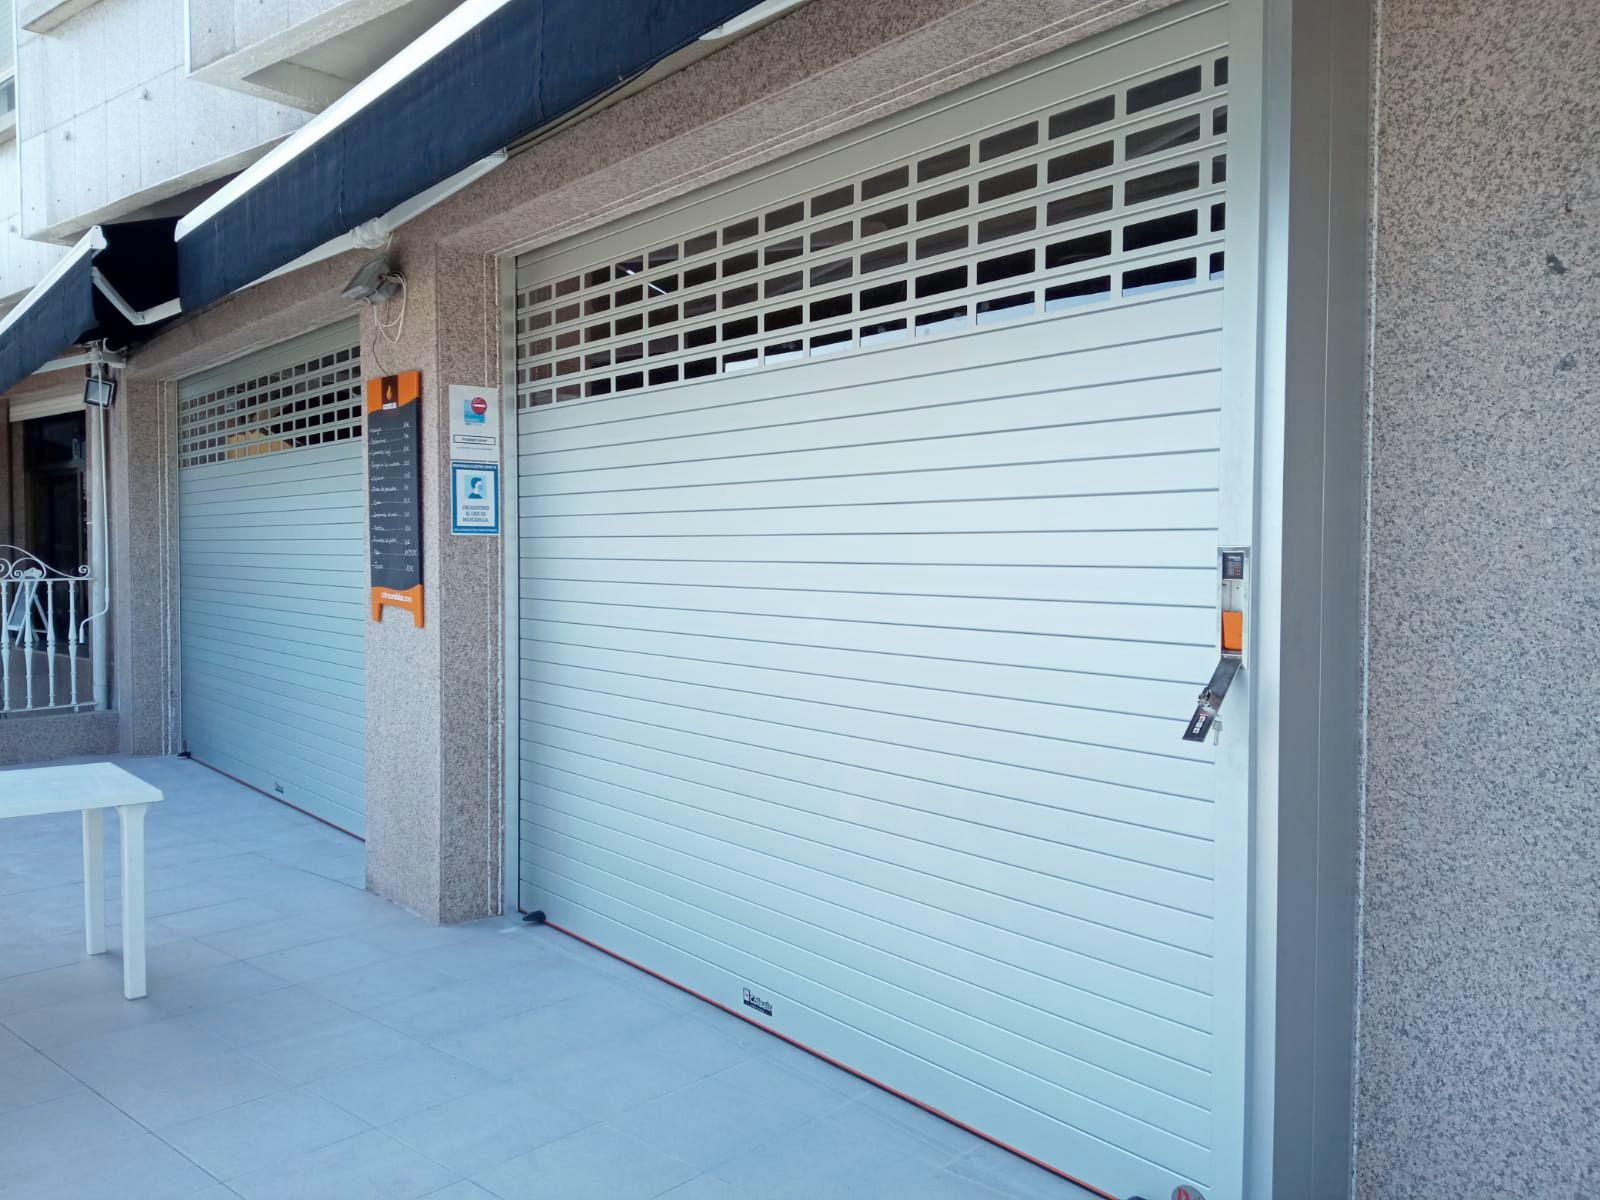 Puertas enrollables Collbaix para cierre de local de hostelería en Raxó (Poio) 2